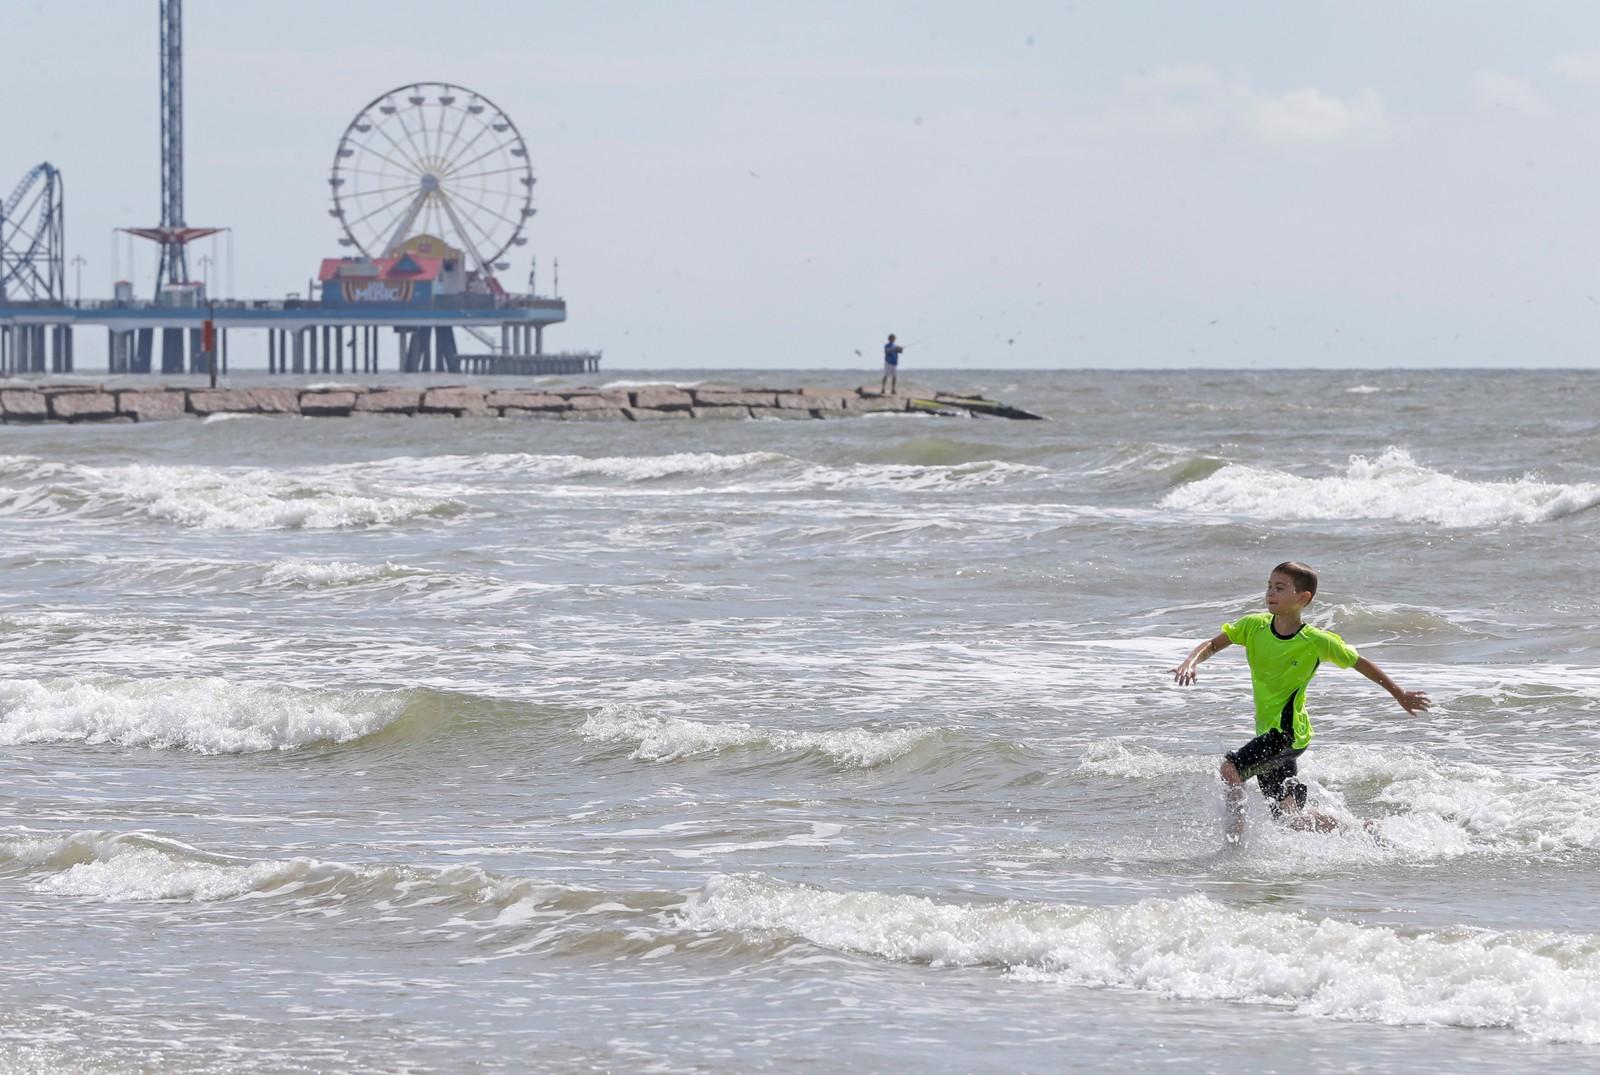 Caleb Armstrong (9) leker på stranda i Venus Texas. Allerede torsdag kunne man se tegn på at uværet var på vei.